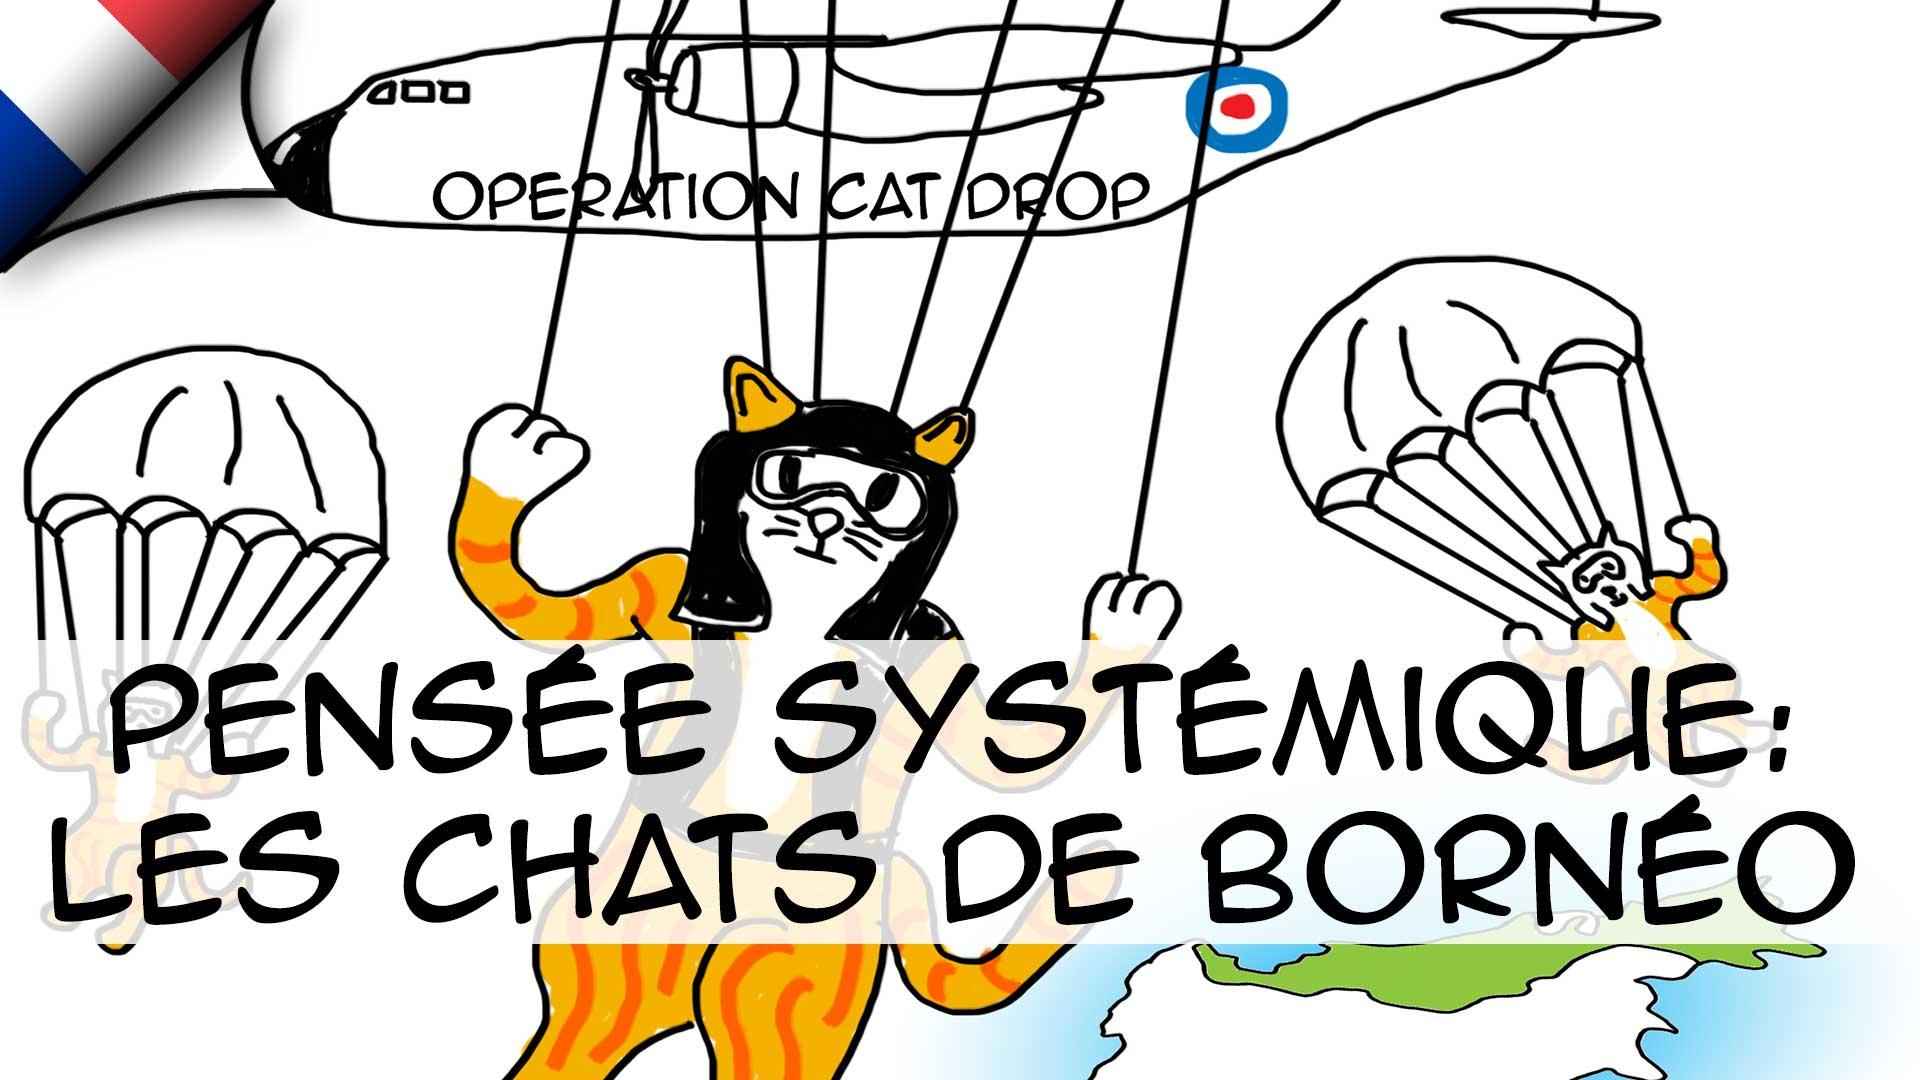 Pensée systémique: L'histoire des chats de Bornéo